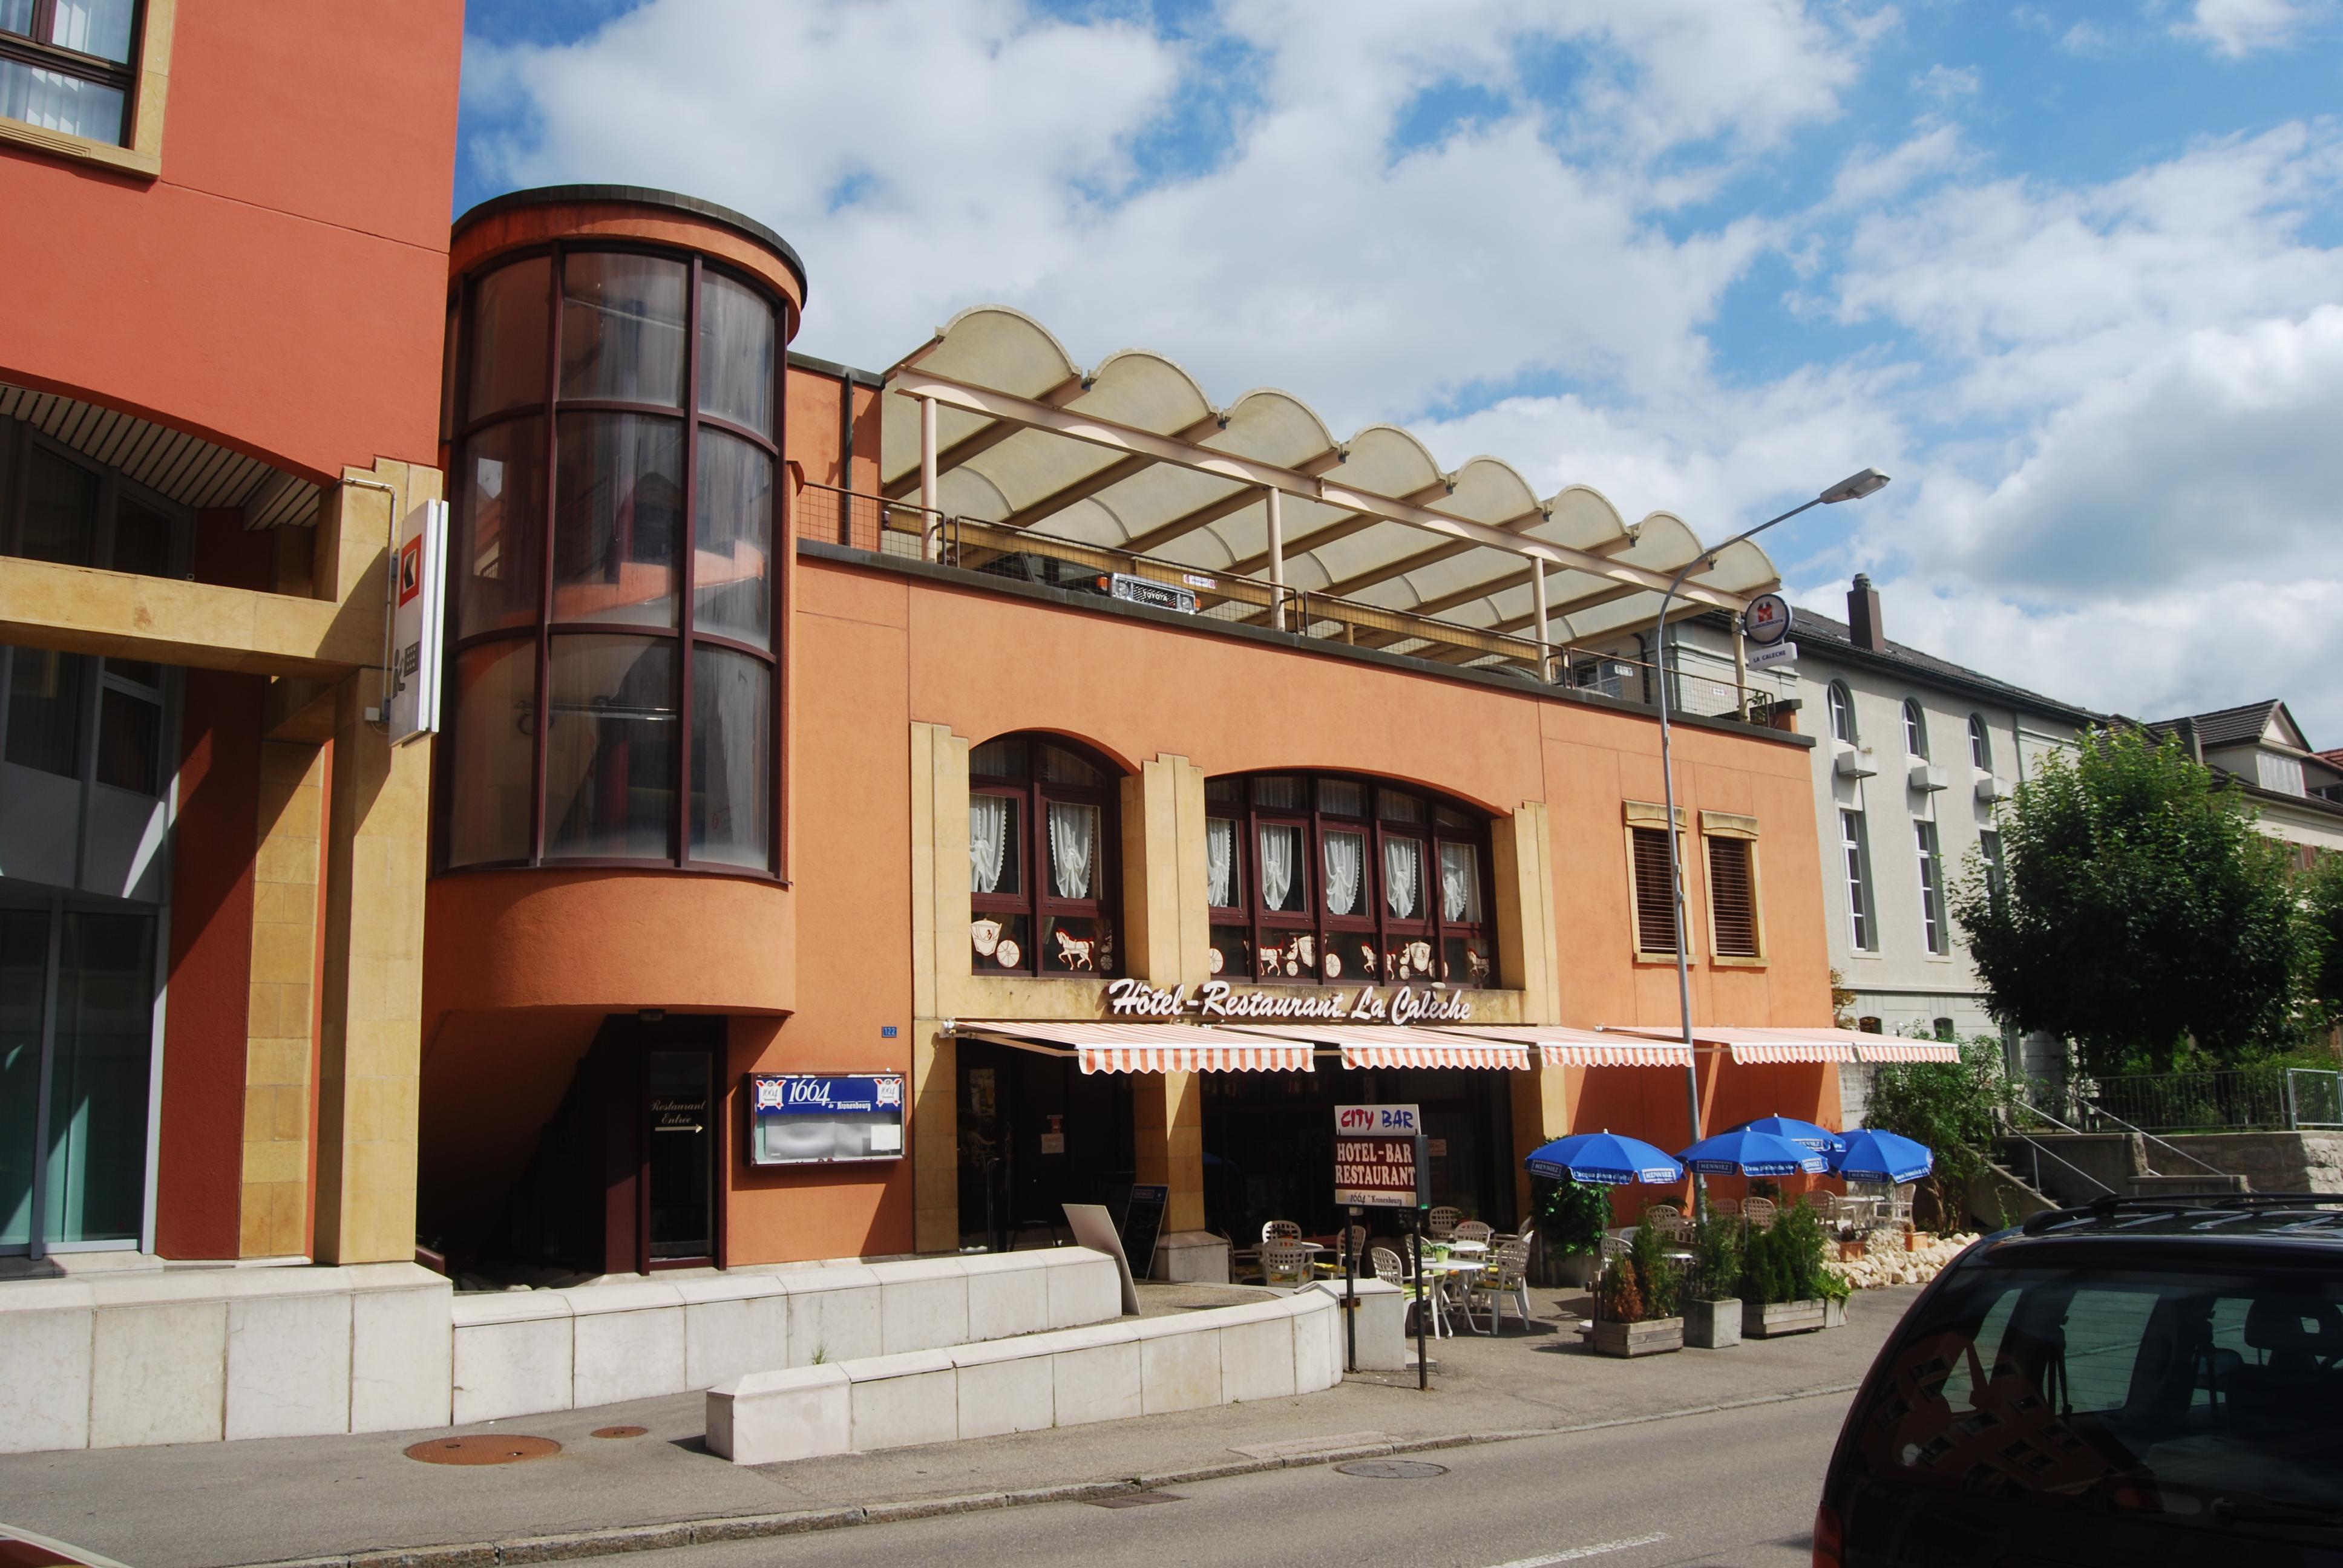 Hotel Restaurant O Felder Dorfstra Ef Bf Bde  C  Osterronfeld